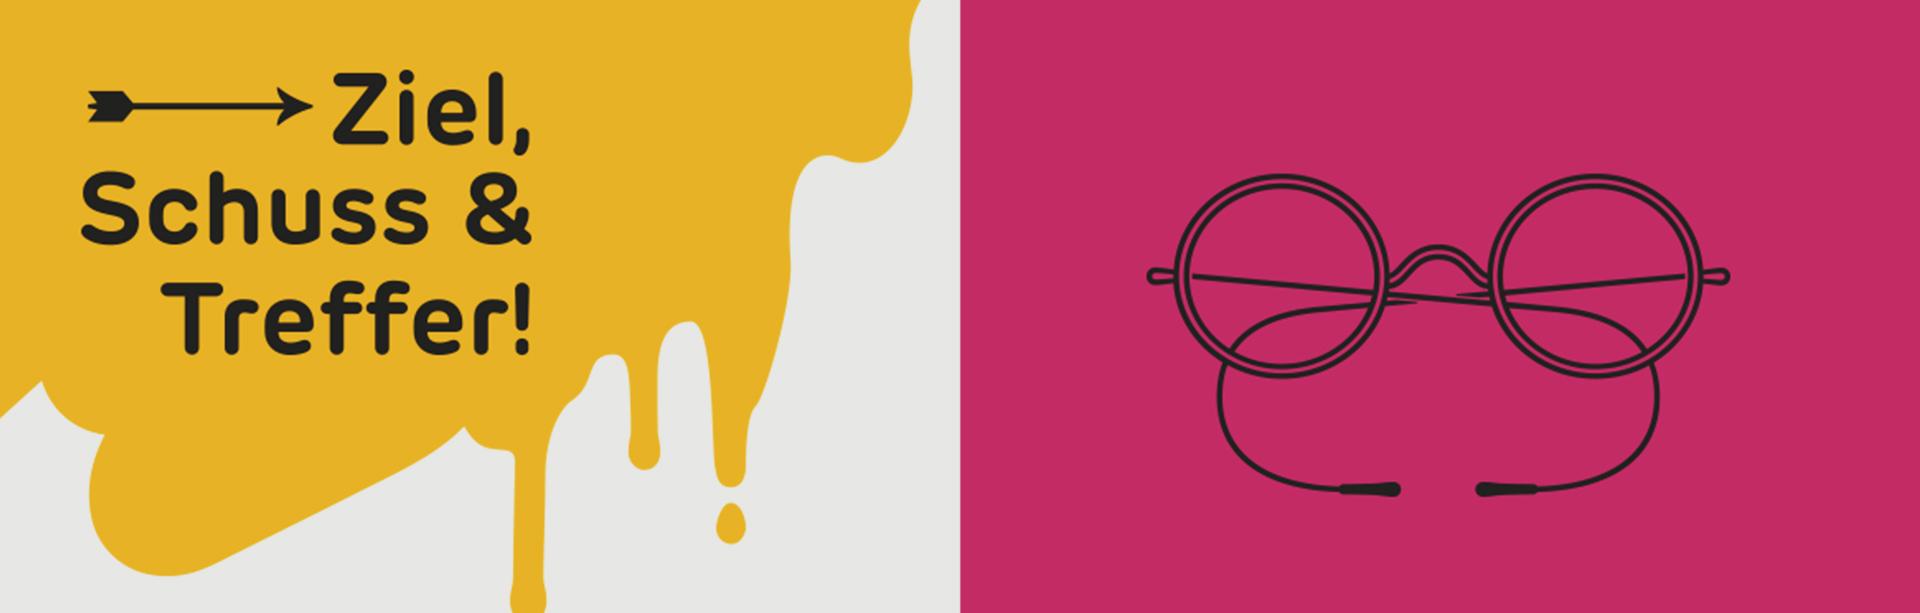 Loo&Me - Basic Elements Grafiken – Beispiel 2